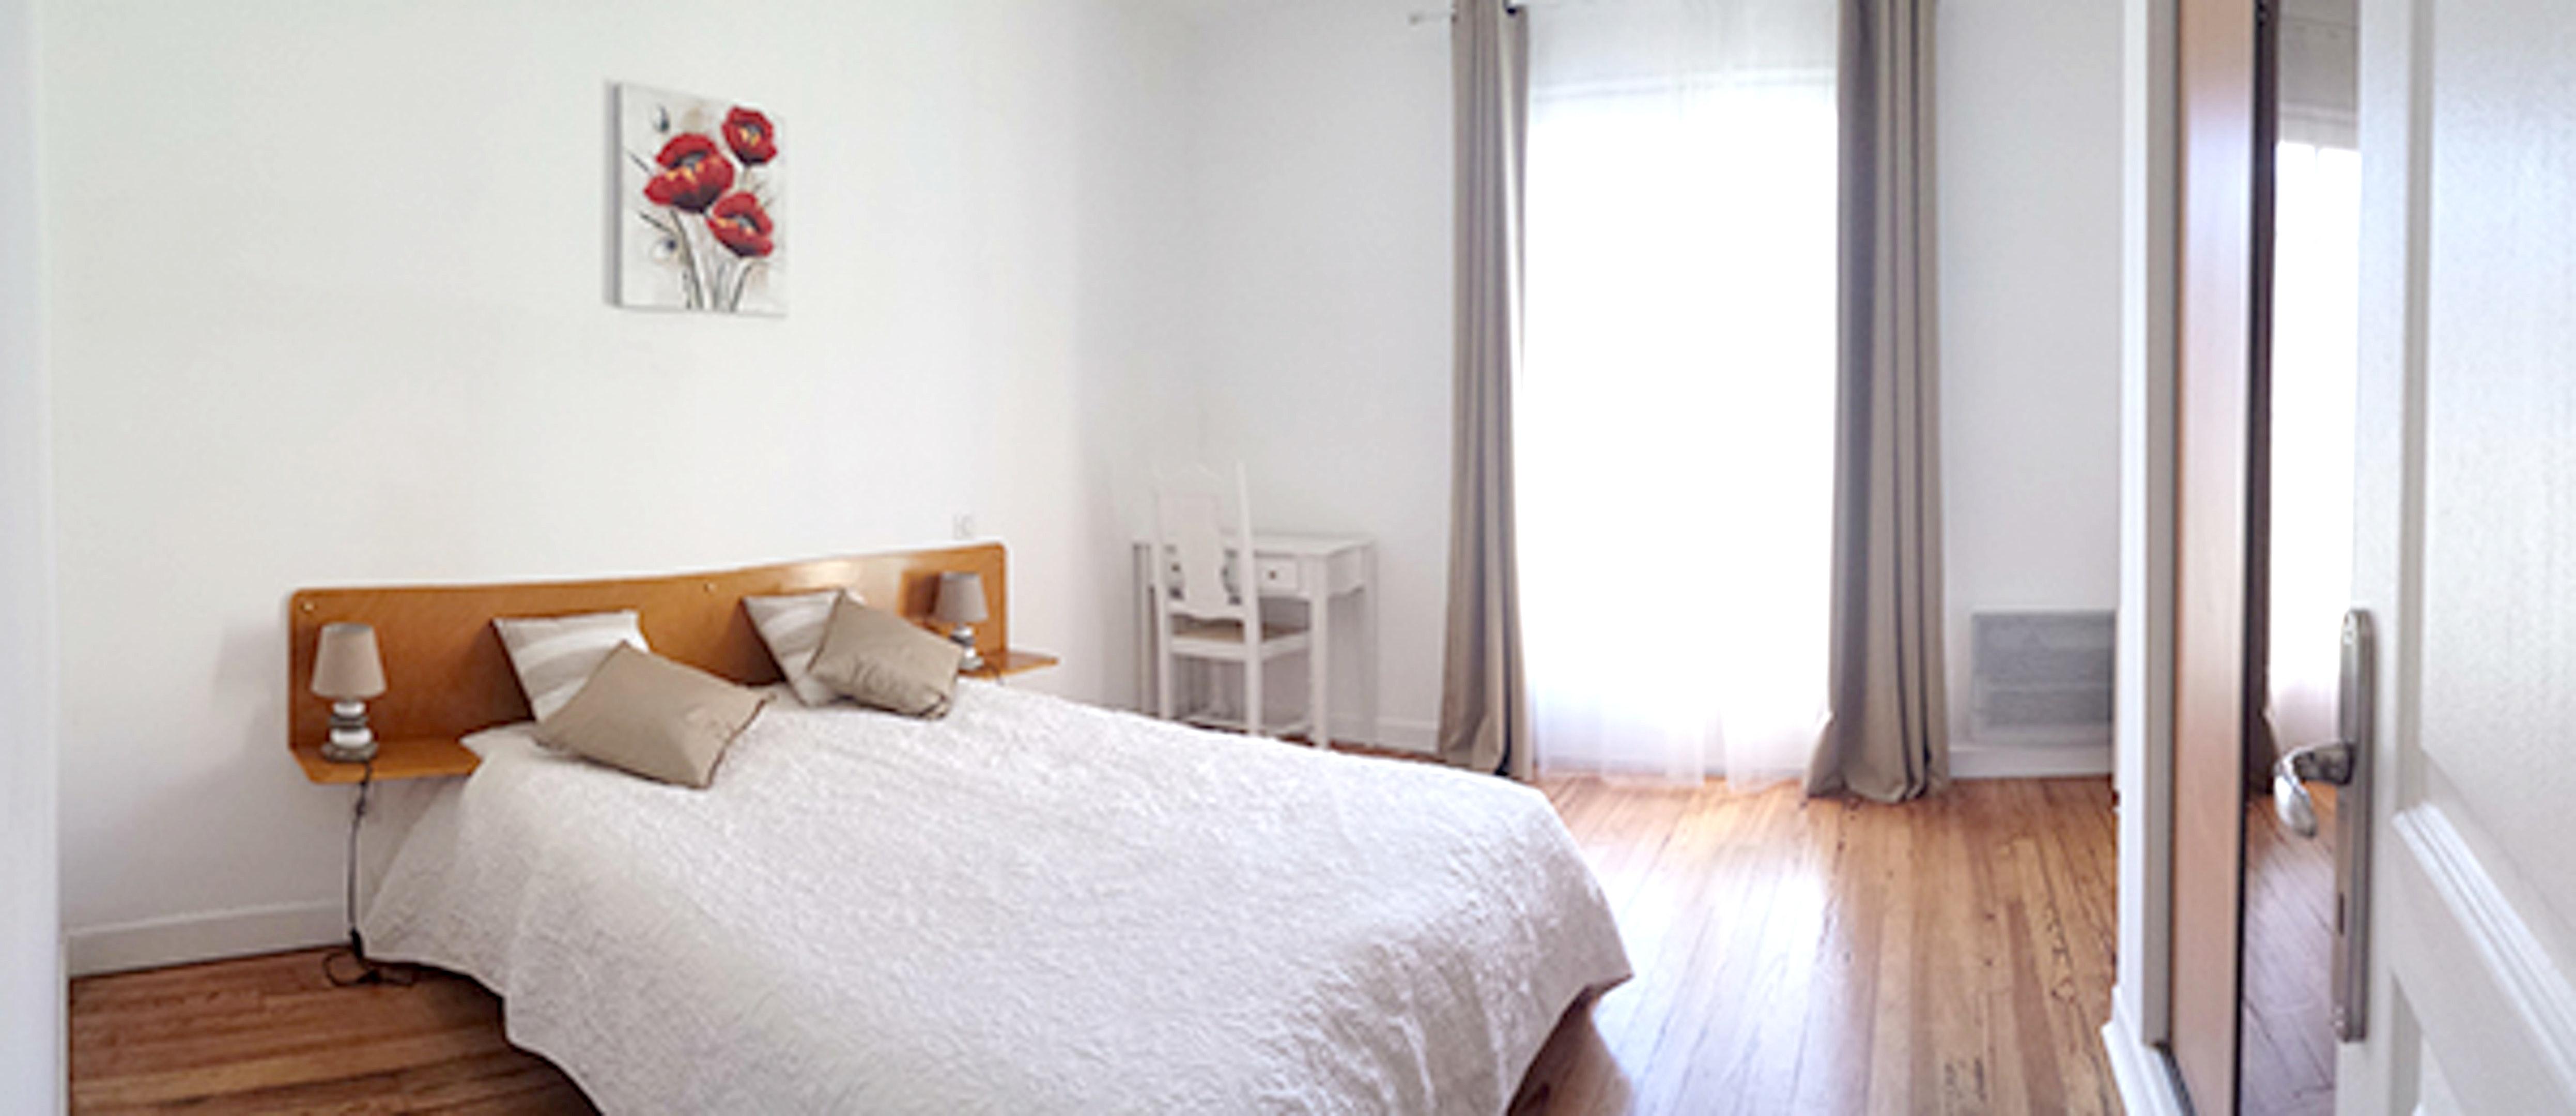 Ferienhaus Haus mit 2 Schlafzimmern in Lourdes mit toller Aussicht auf die Berge, möblierter Terrasse (2396219), Lourdes, Hautes-Pyrénées, Midi-Pyrénées, Frankreich, Bild 2